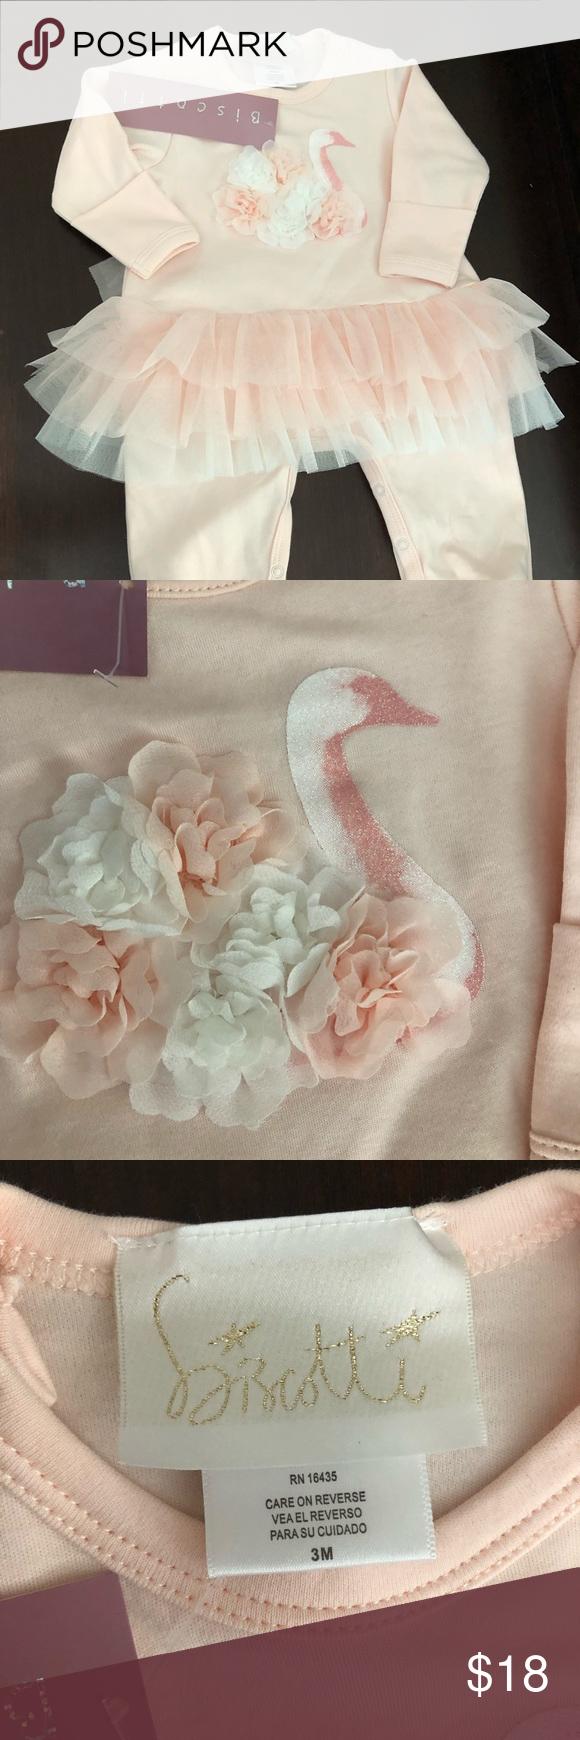 Baby Biscotti 3M Tutu Footie Pajamas Brand new with tags